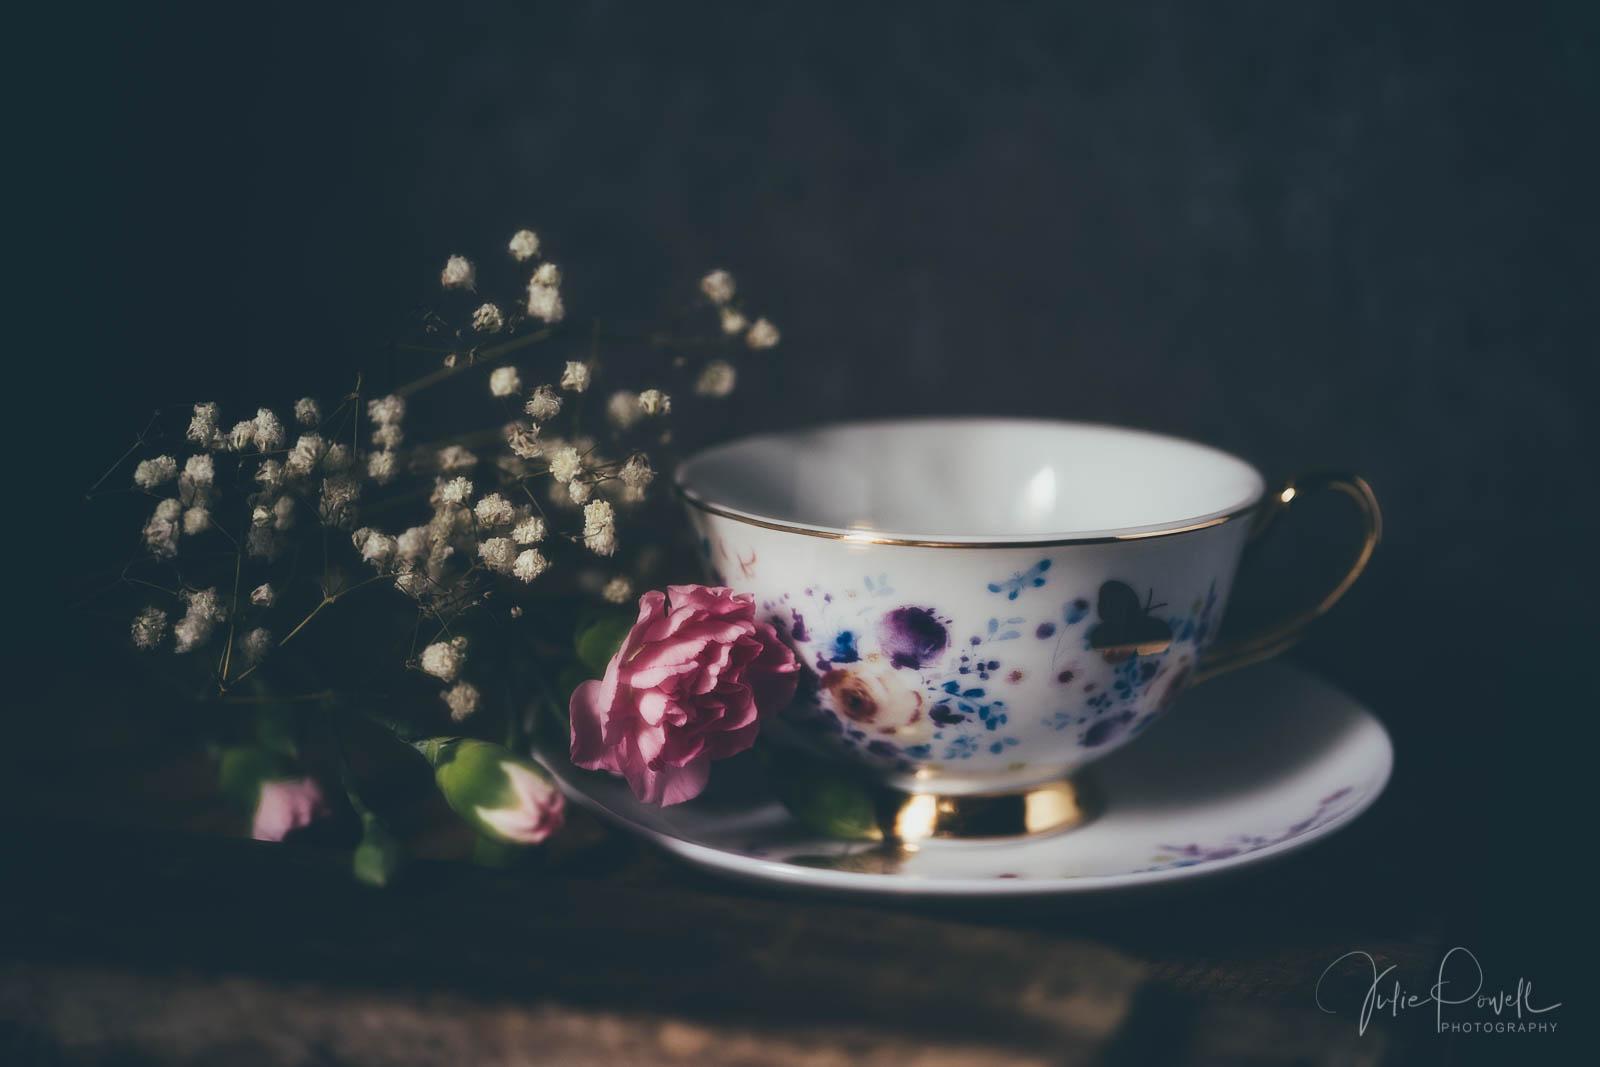 Julie Powell_MD Flowers-11.jpg